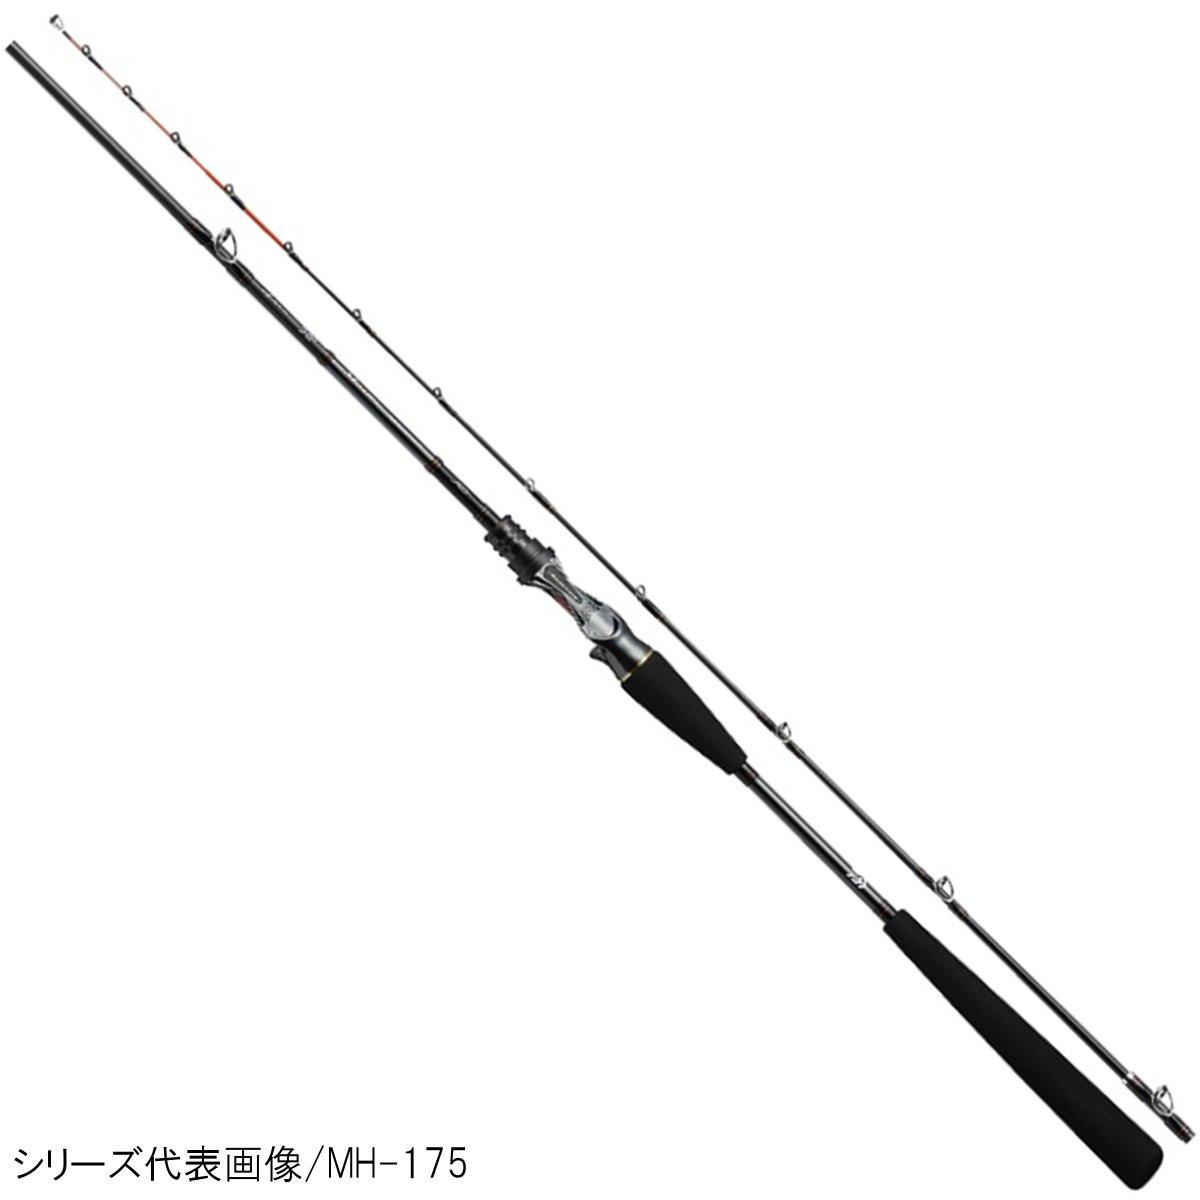 ダイワ メタリア タチウオ ゲーム M-175(東日本店)